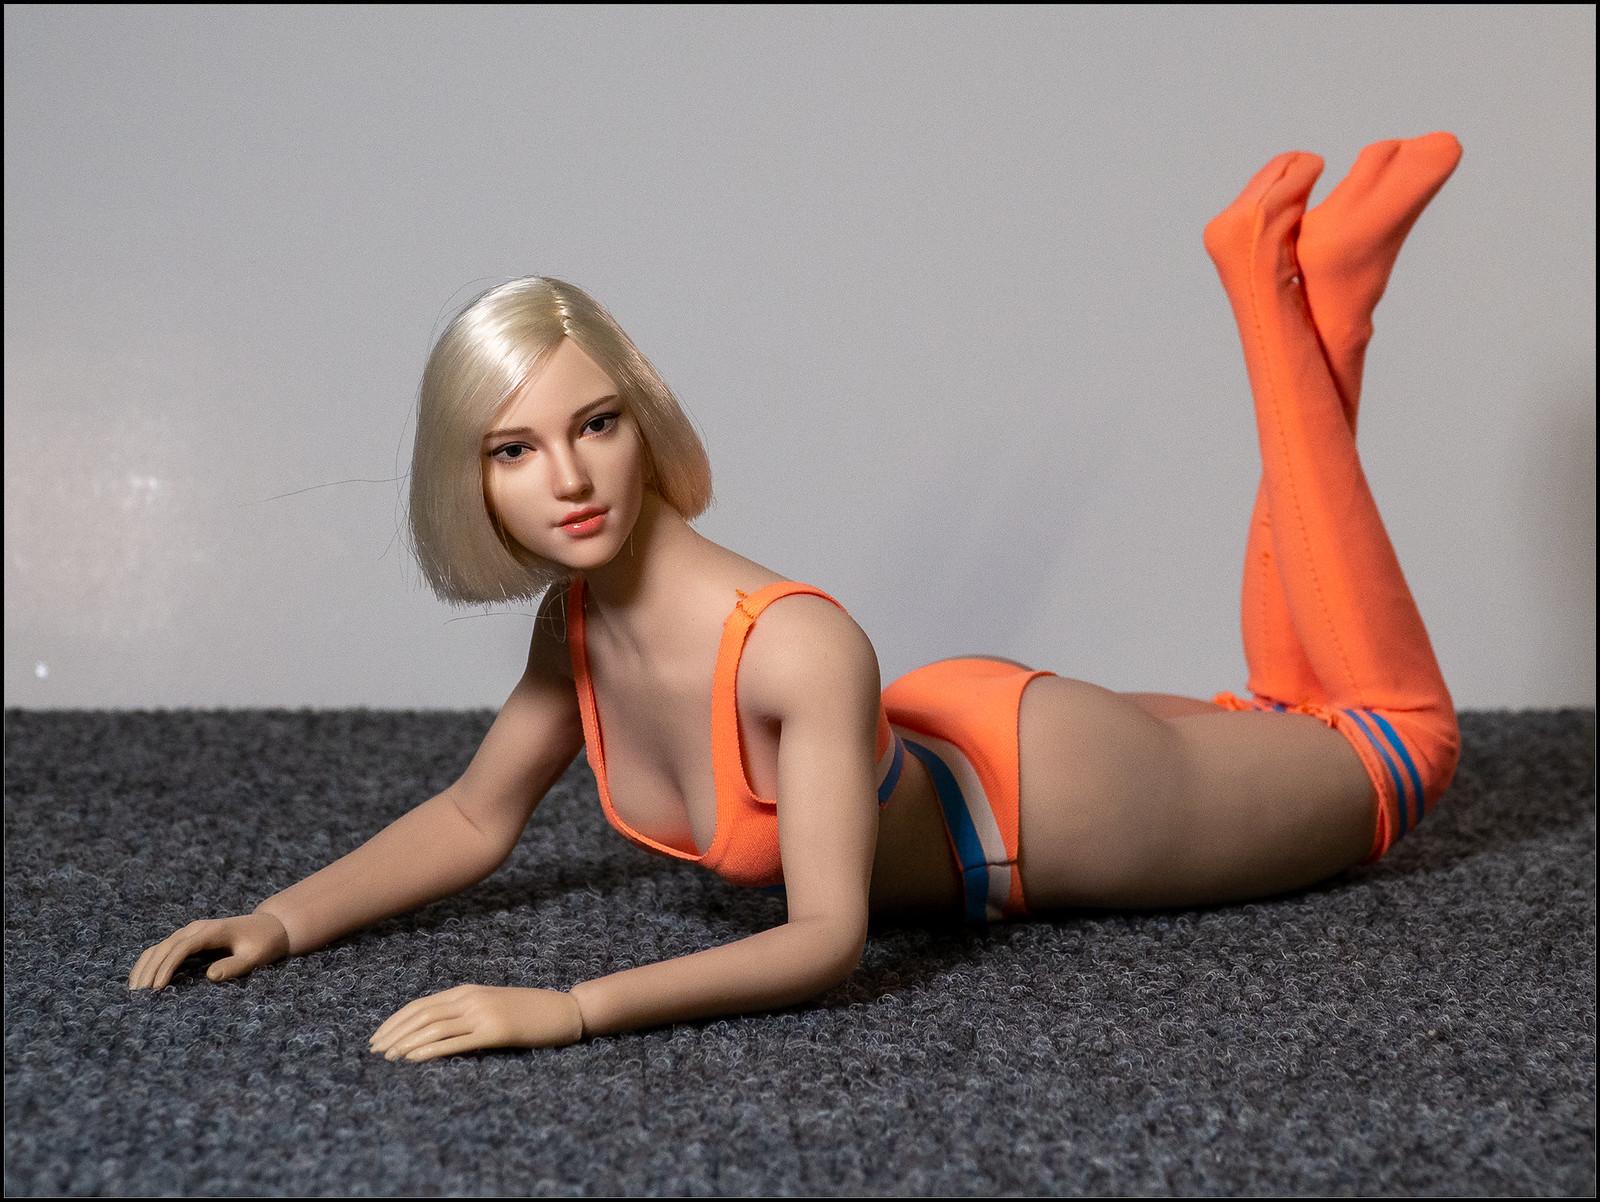 Phicen Female Posing Guide 49324057756_de3efda3f9_h